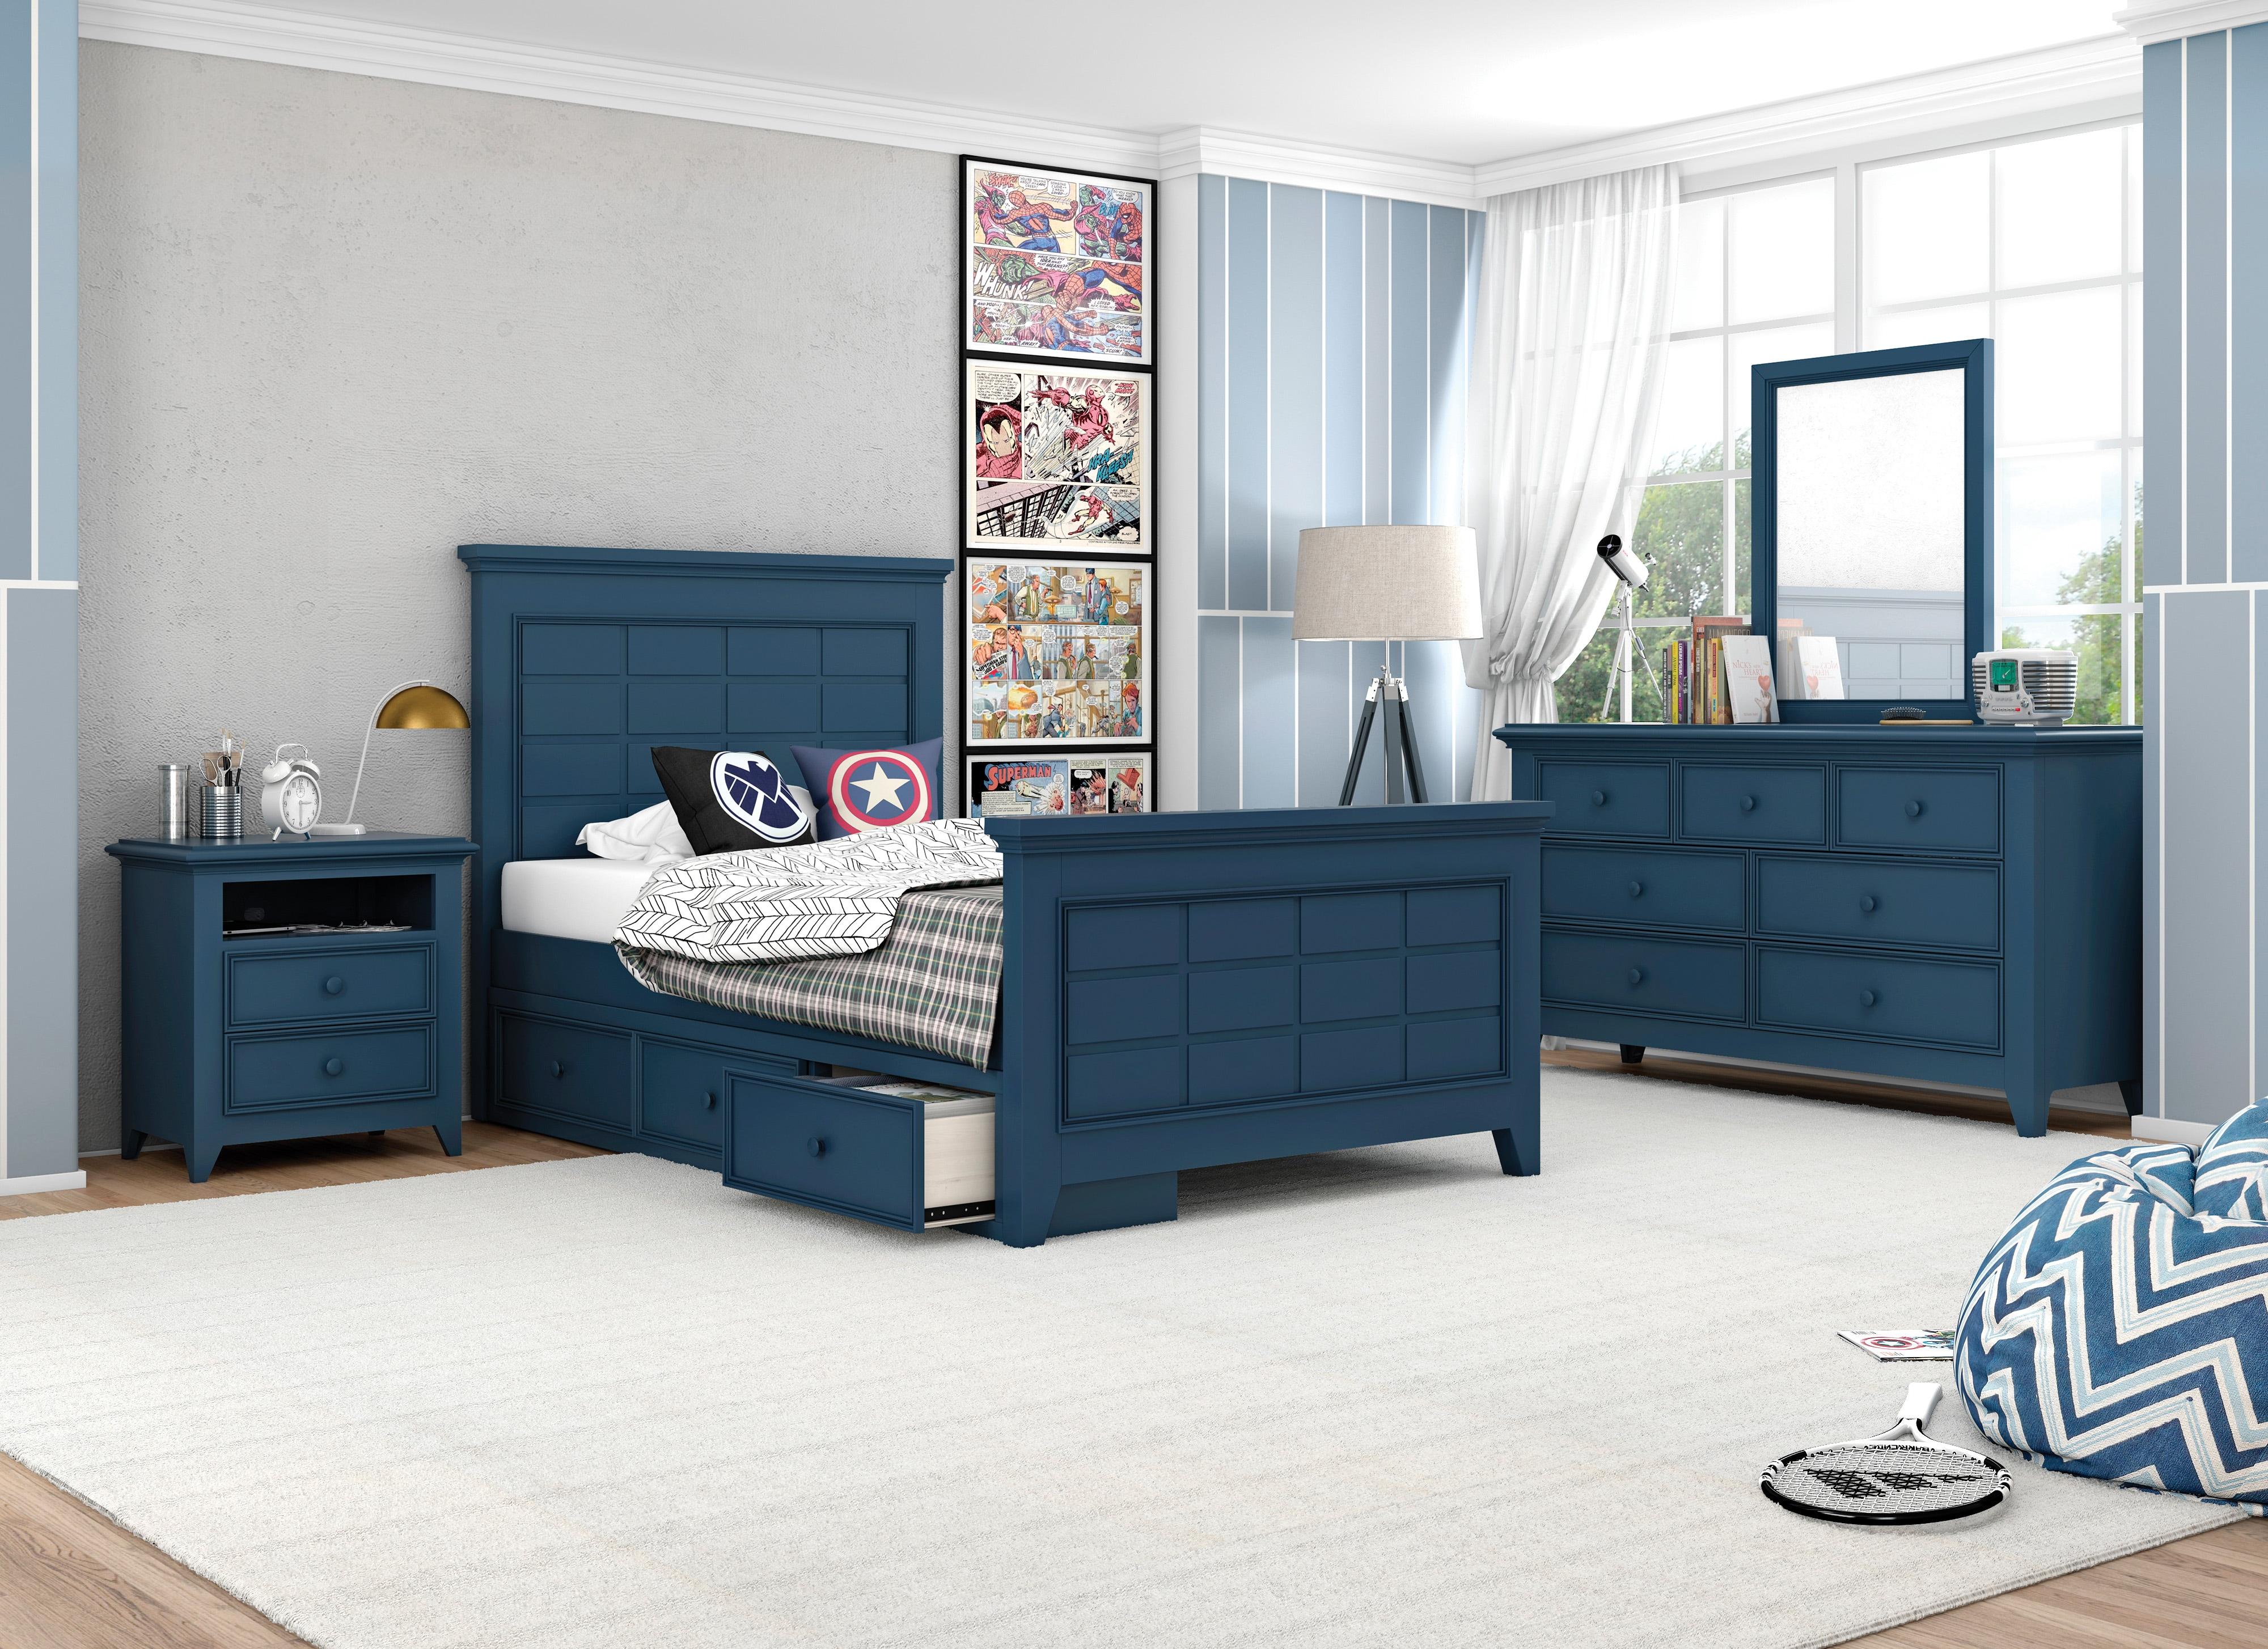 Breslin 4 Piece Twin Bedroom - Navy